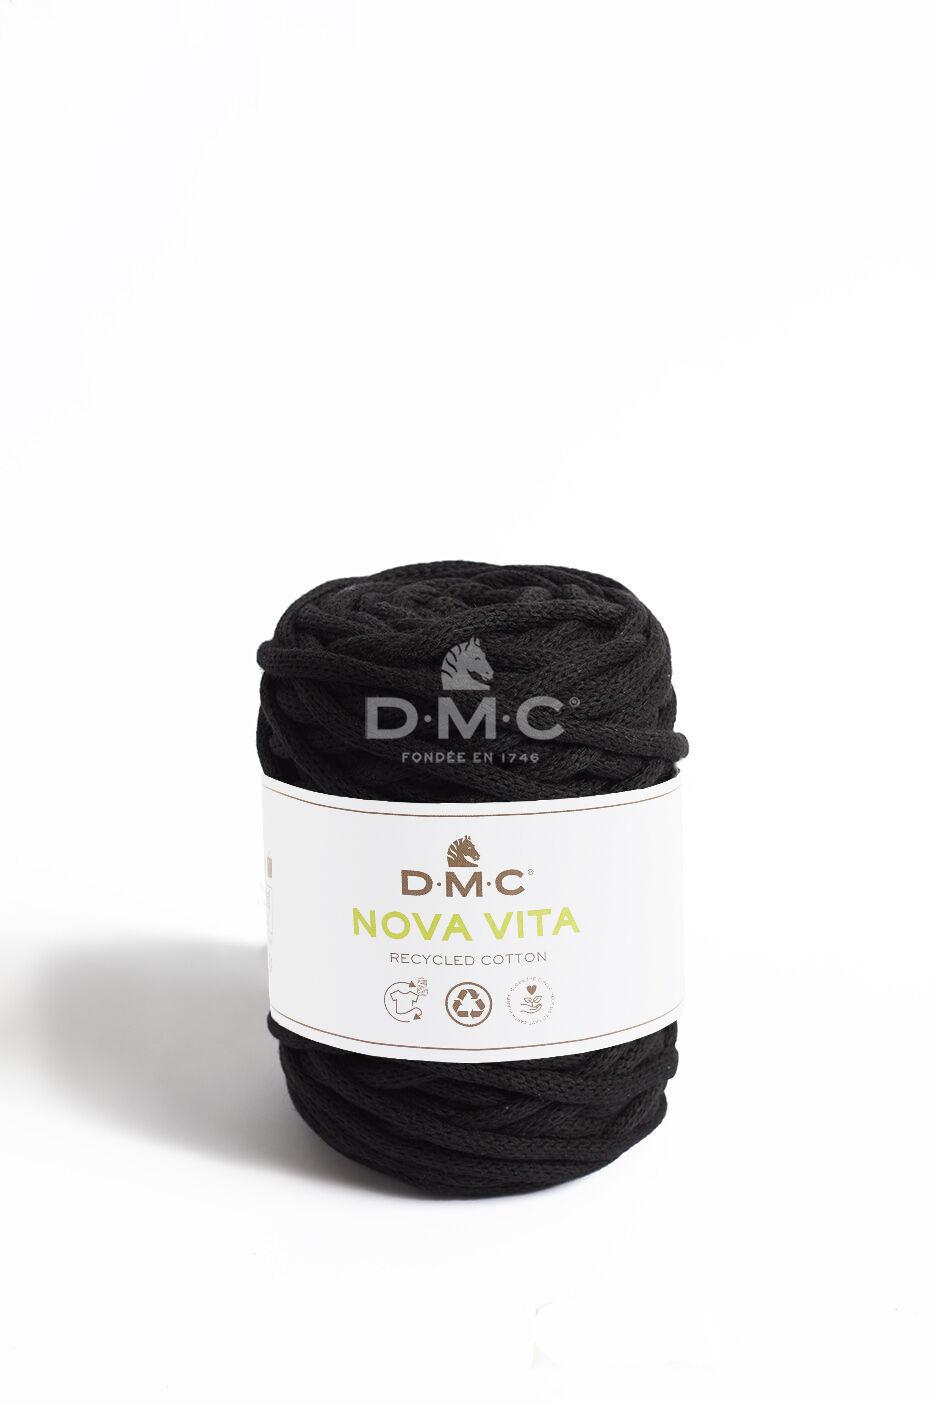 DMC Nova Vita 1kg (4x250g)